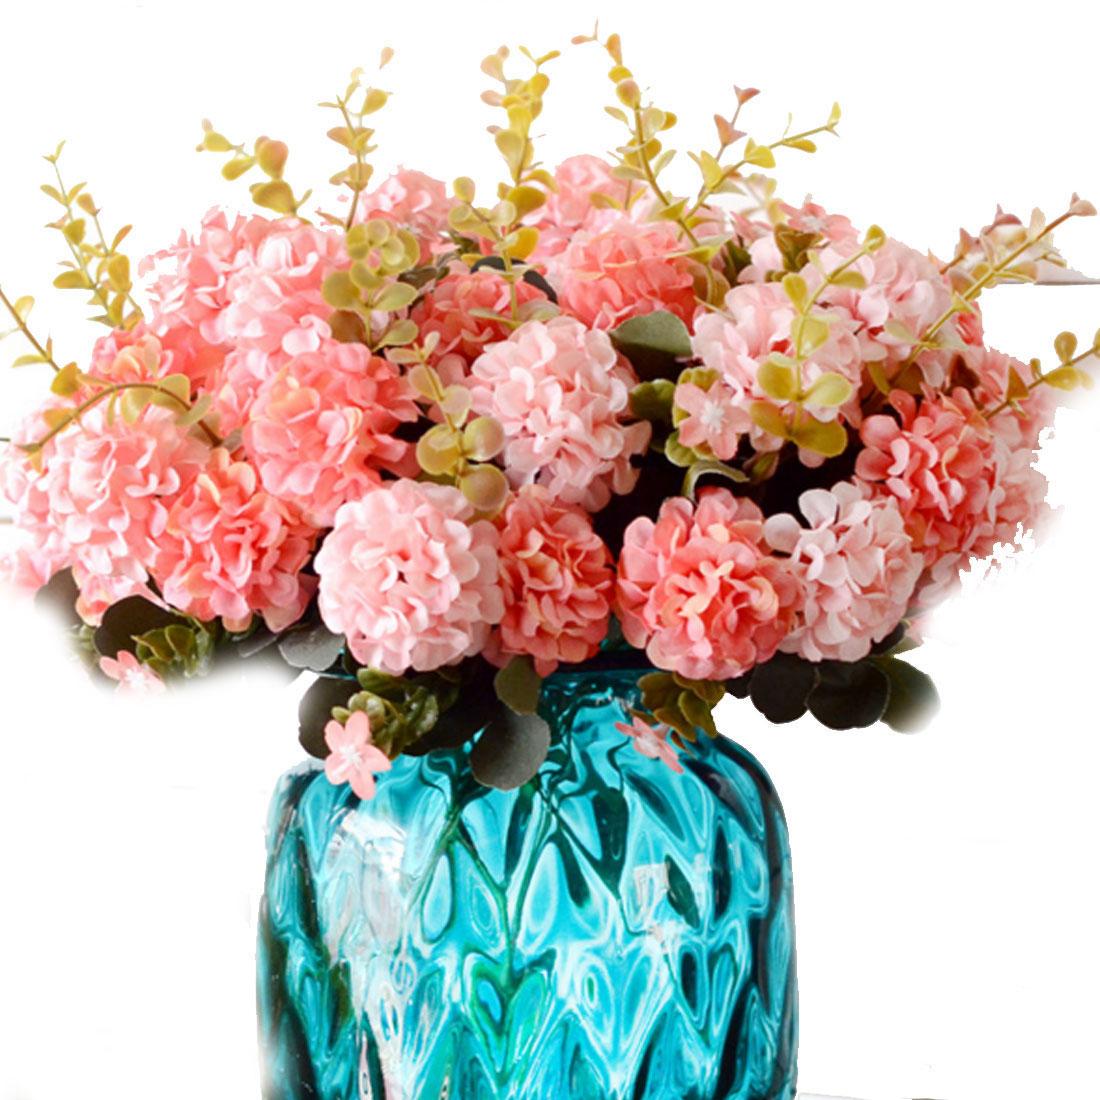 1 Bouquet Fake Chrysanthemum Bouquet Flower Artificial